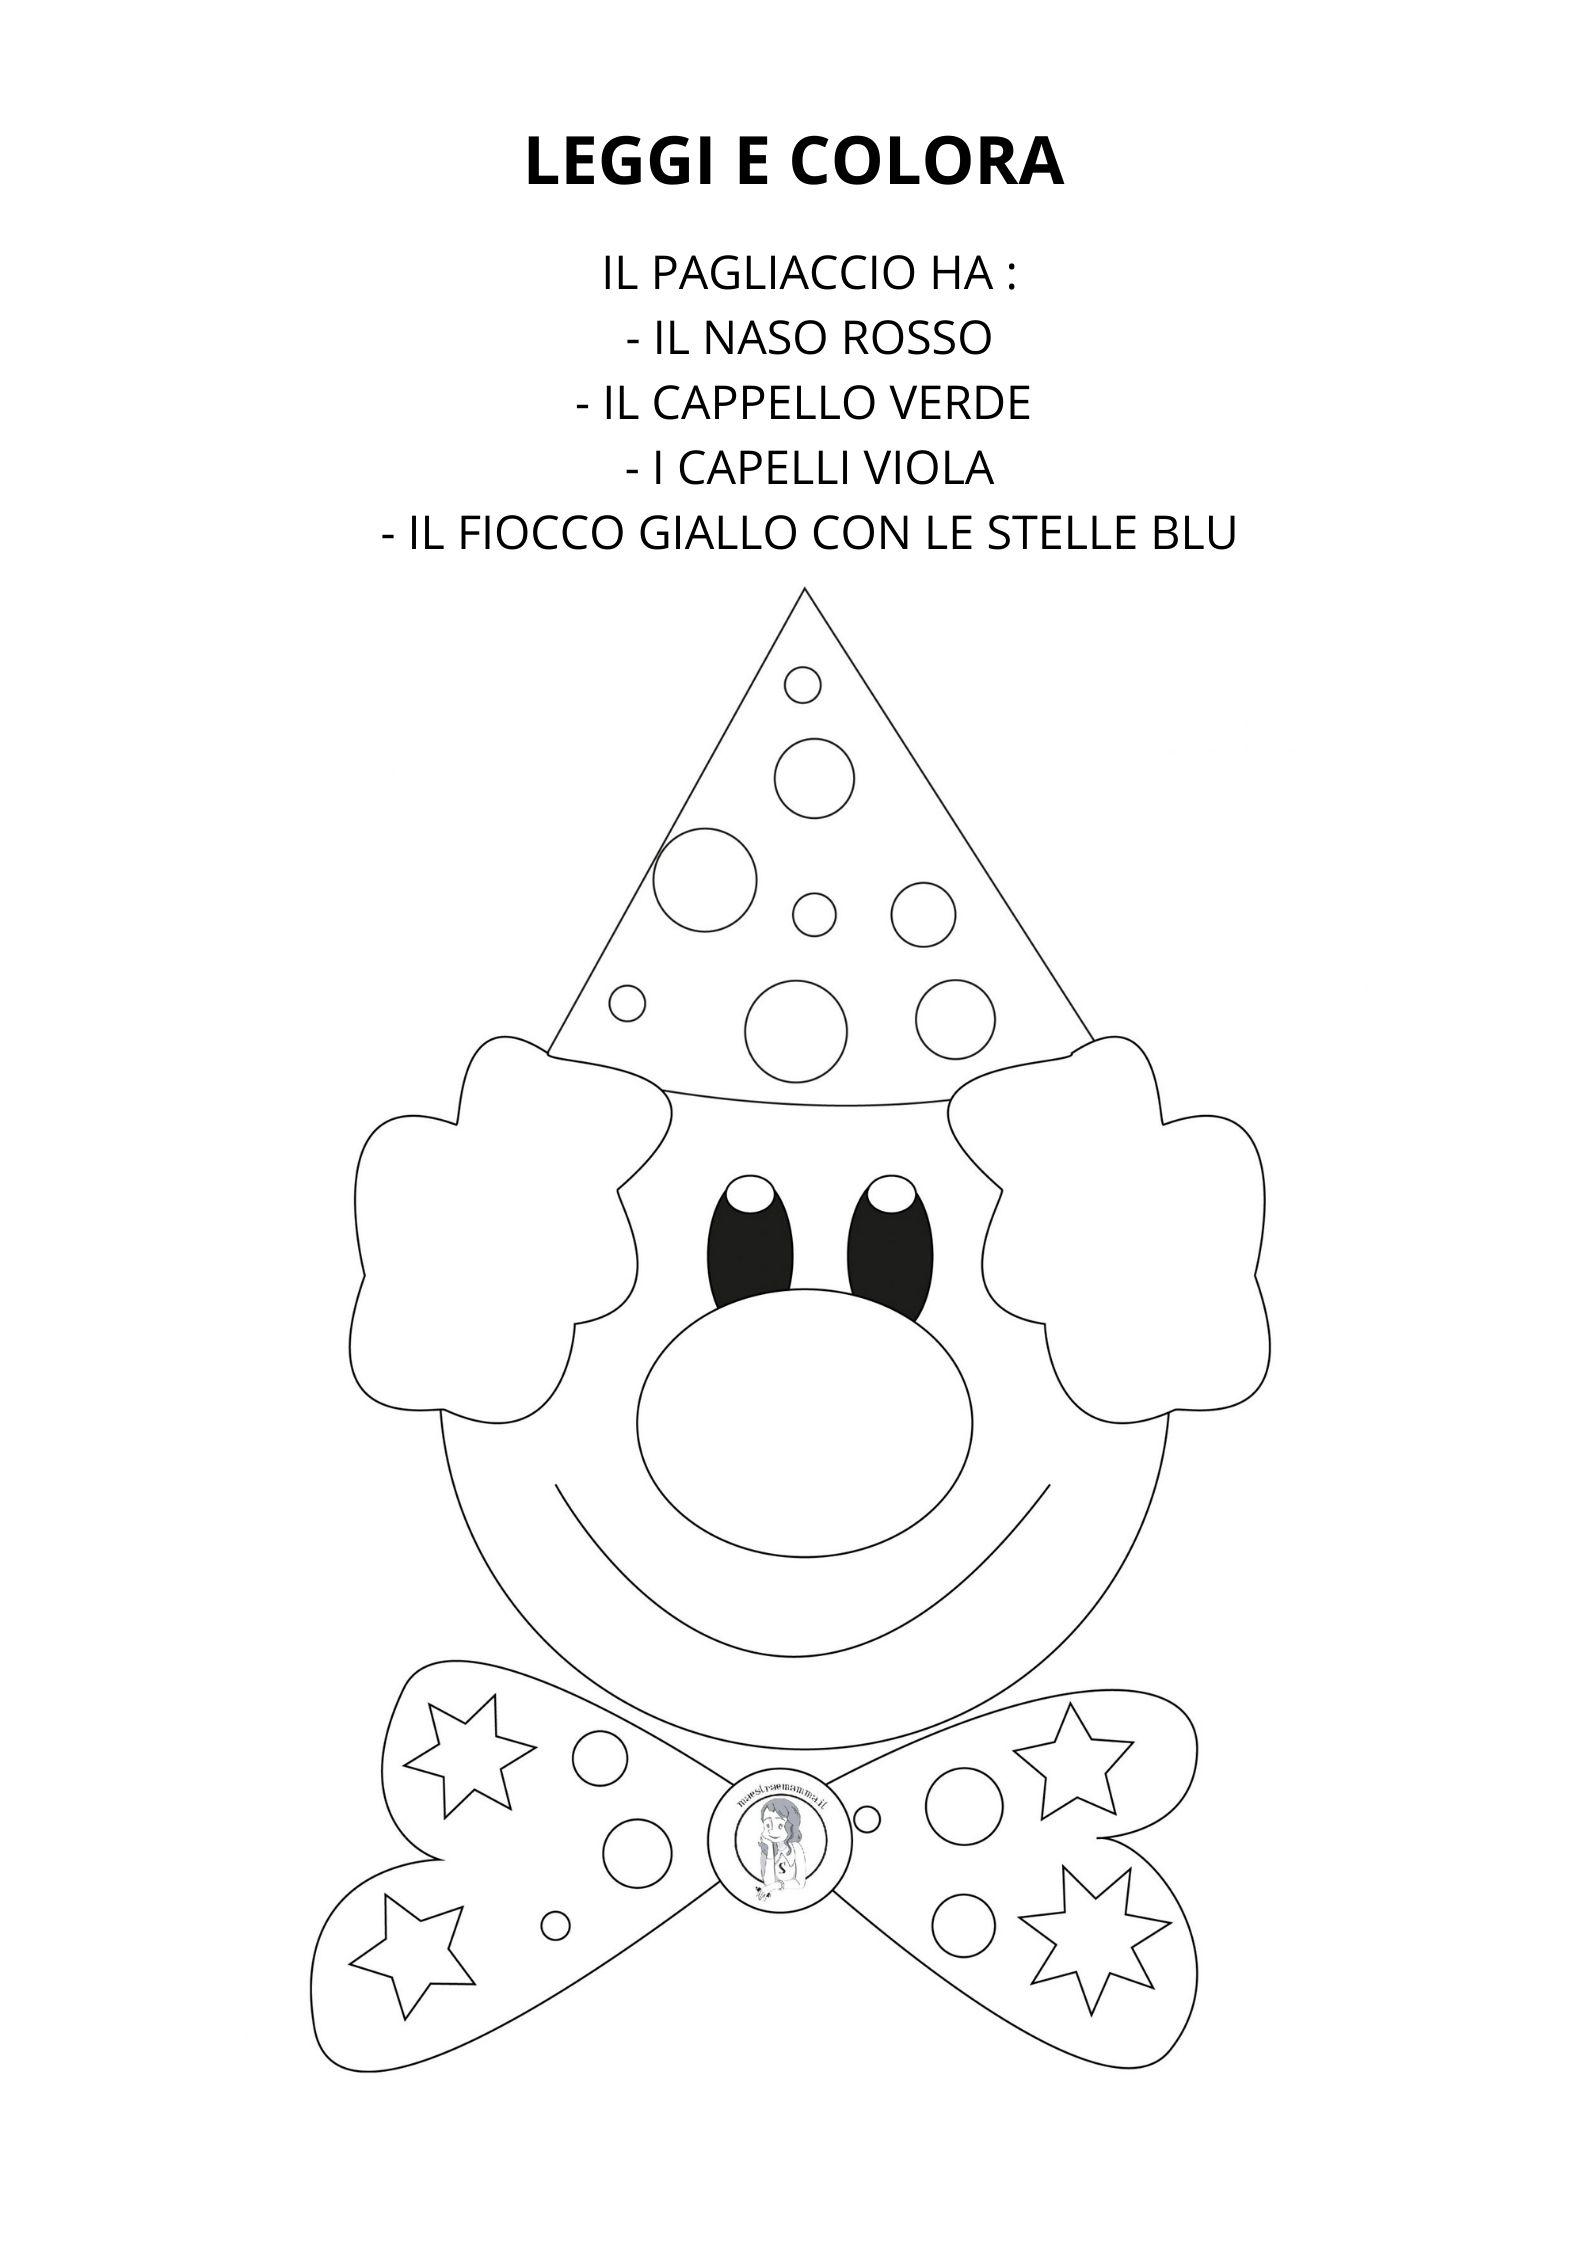 Leggi e colora - scheda didattica di Carnevale - classe prima